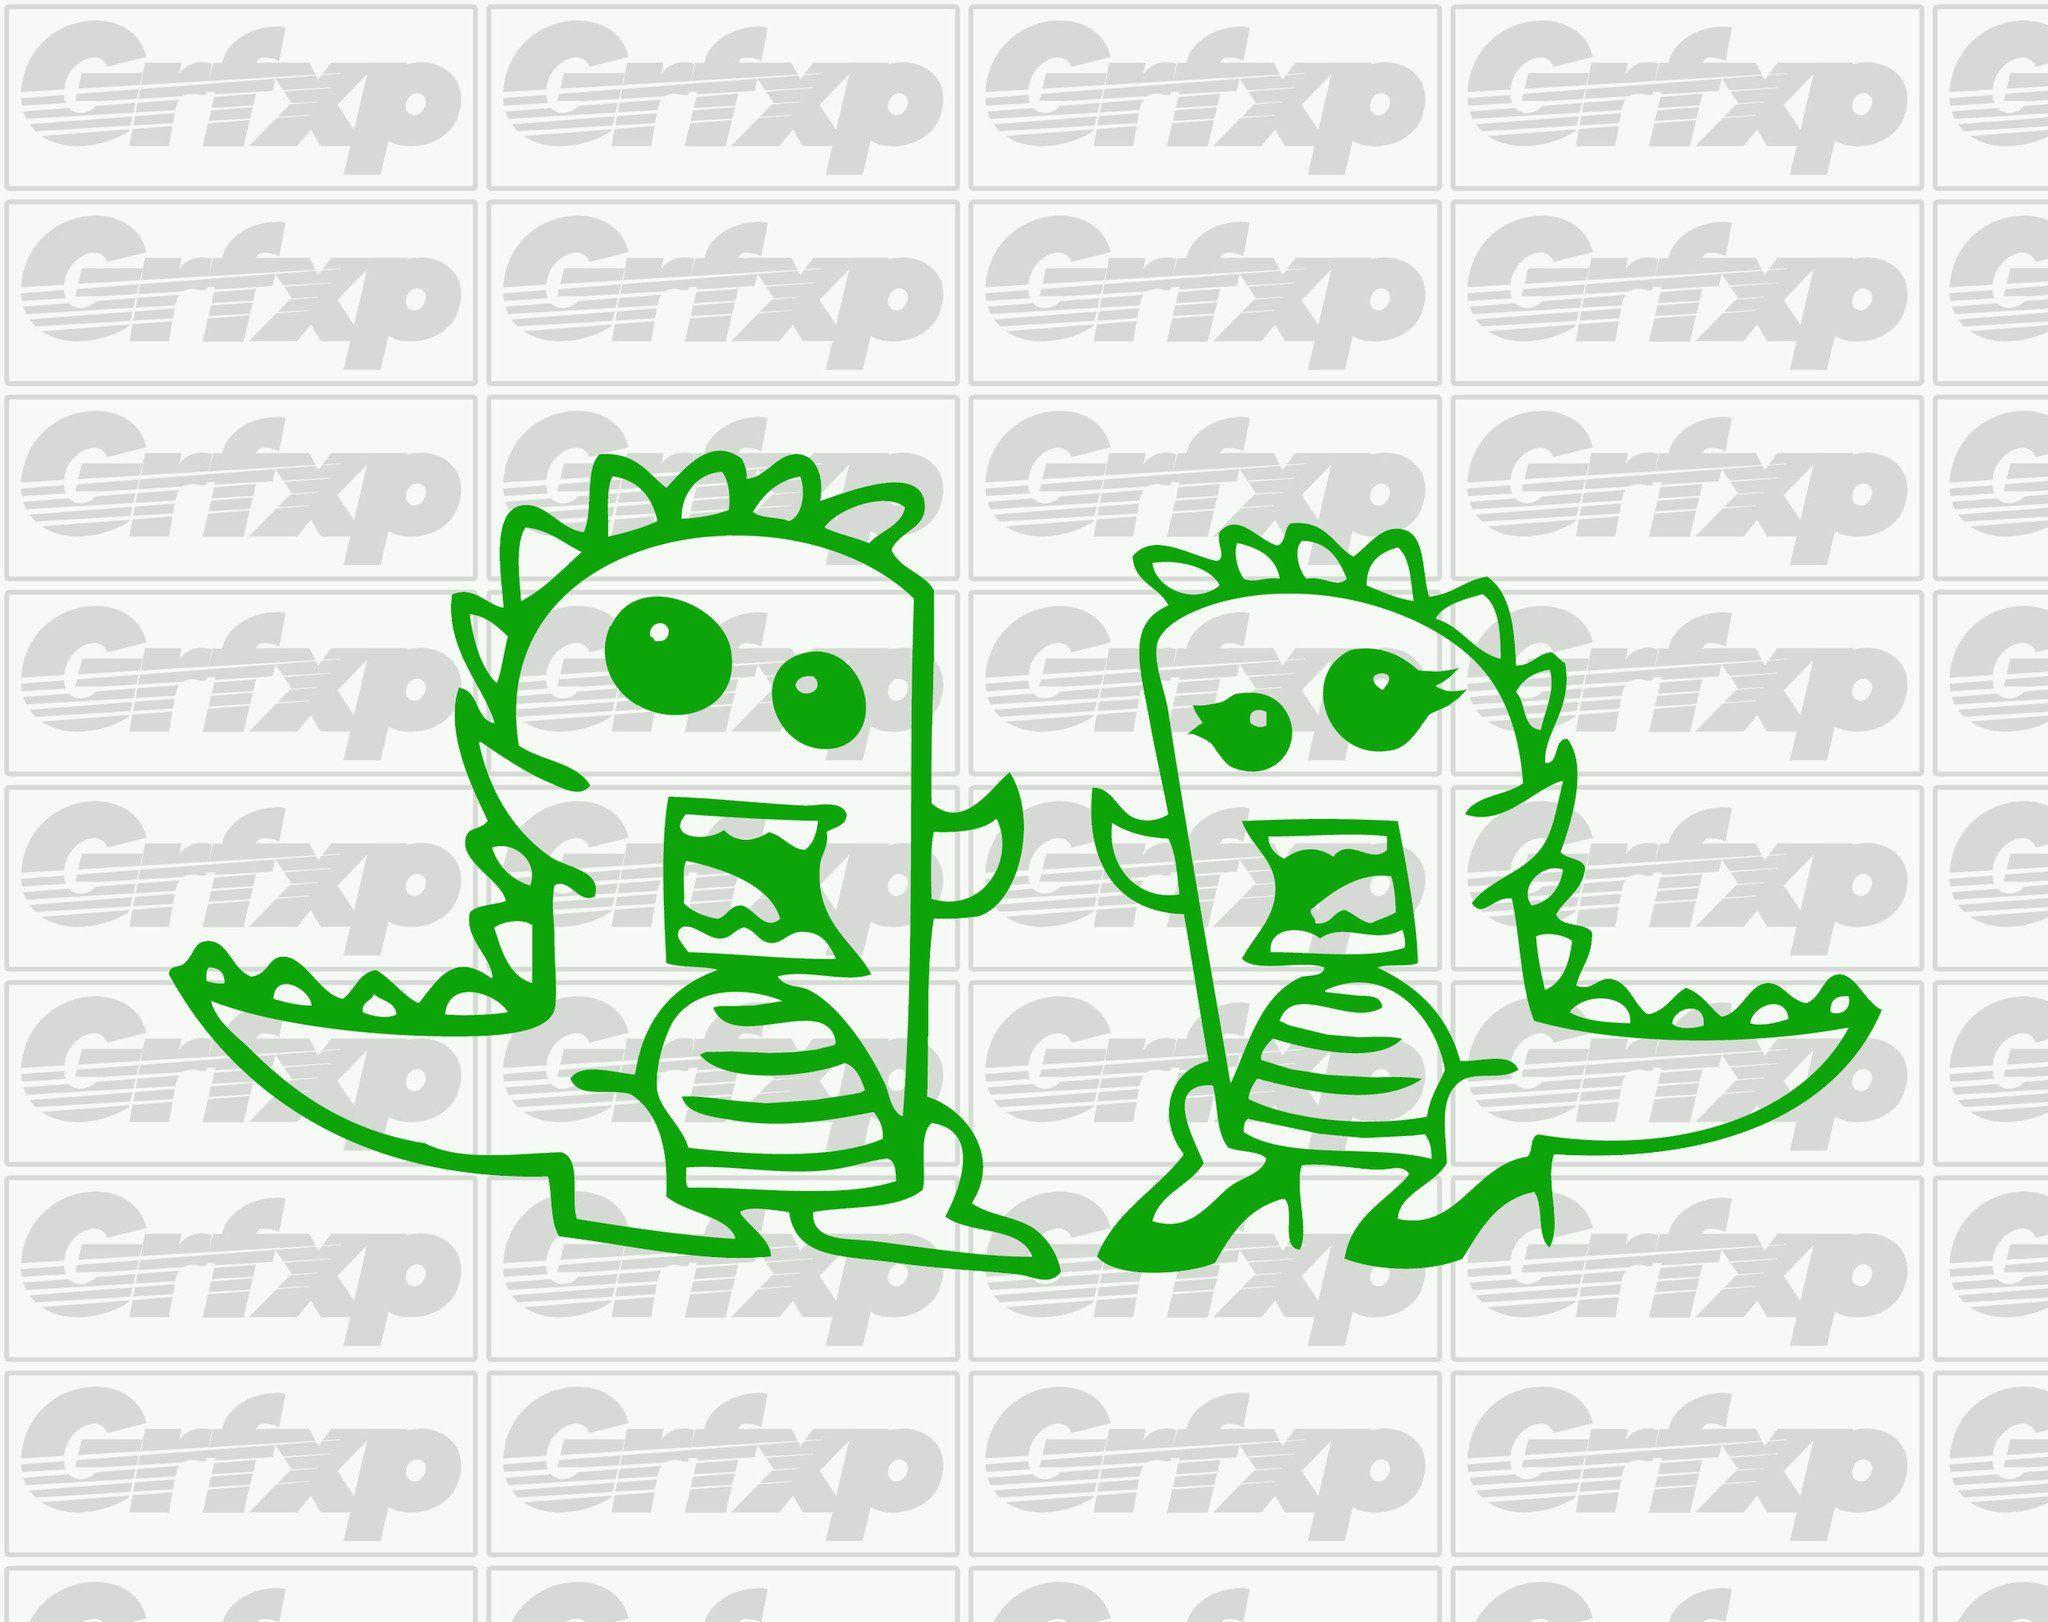 Godzilla Couple Sticker | Godzilla and Products for Couple Sticker Line  156eri